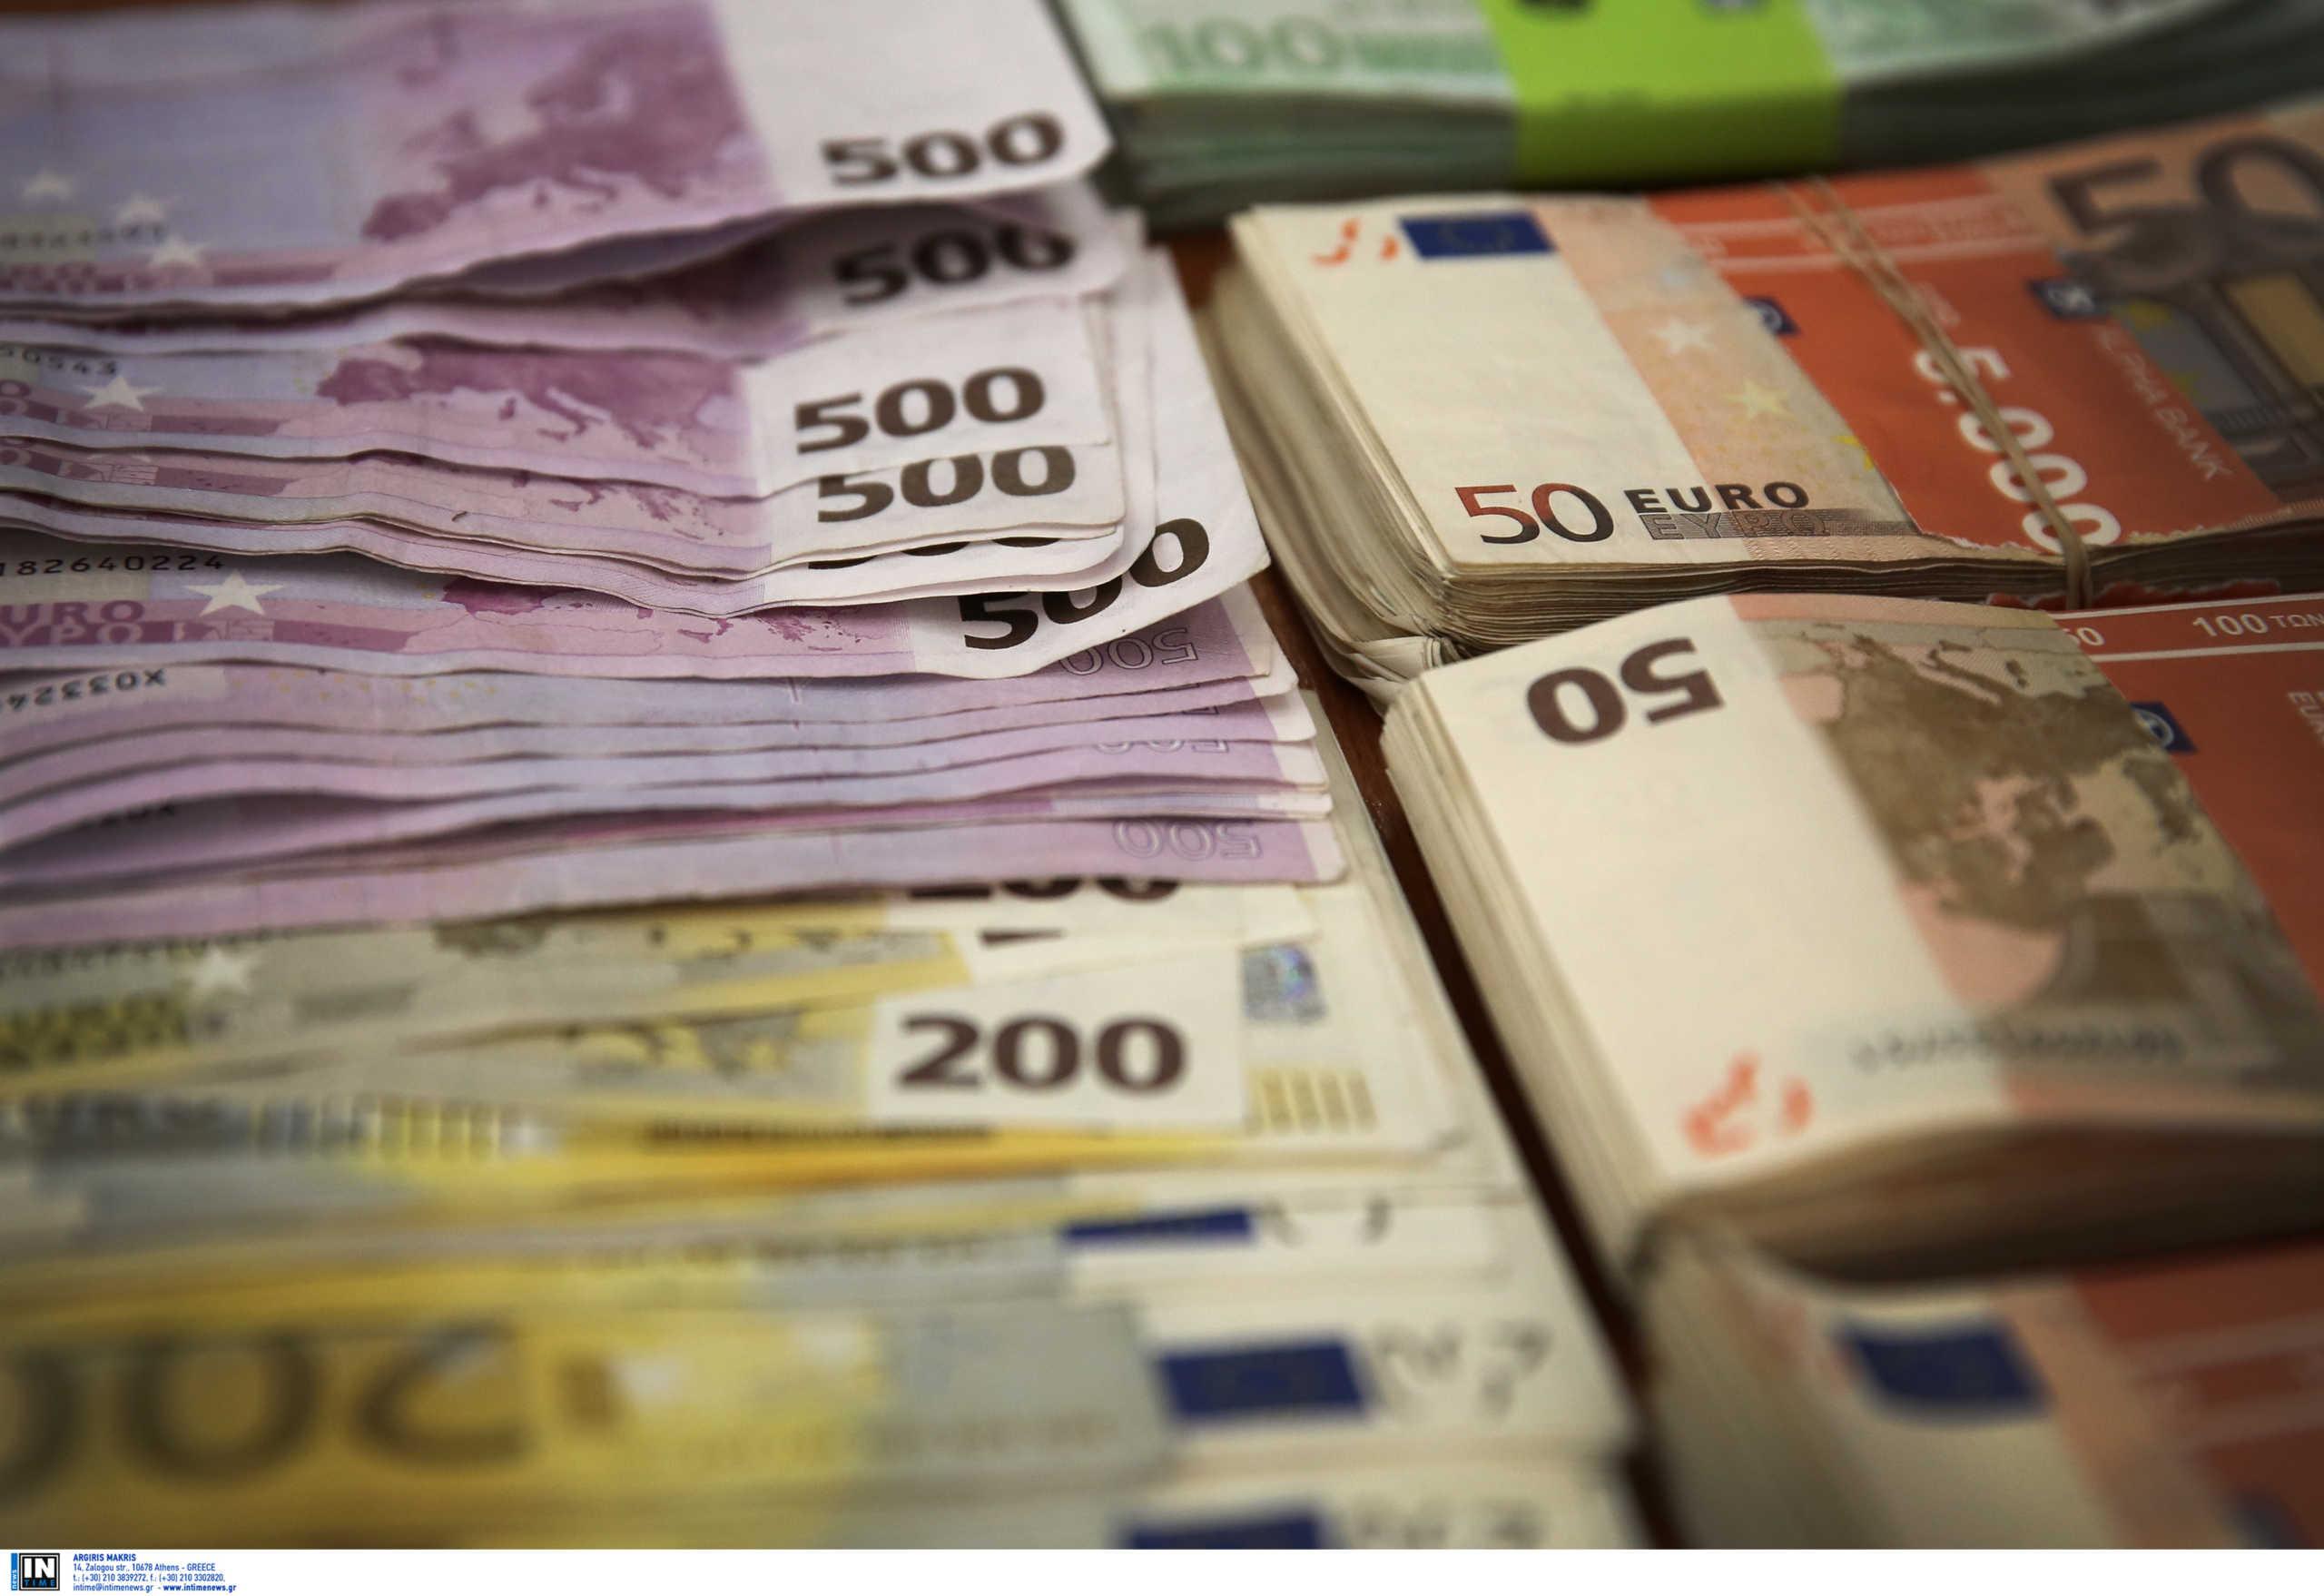 Κορονοϊός: Πώς ενισχύονται επιχειρήσεις και εργαζόμενοι που έχουν πληγεί – Όλες οι πληρωμές του Δεκέμβριου